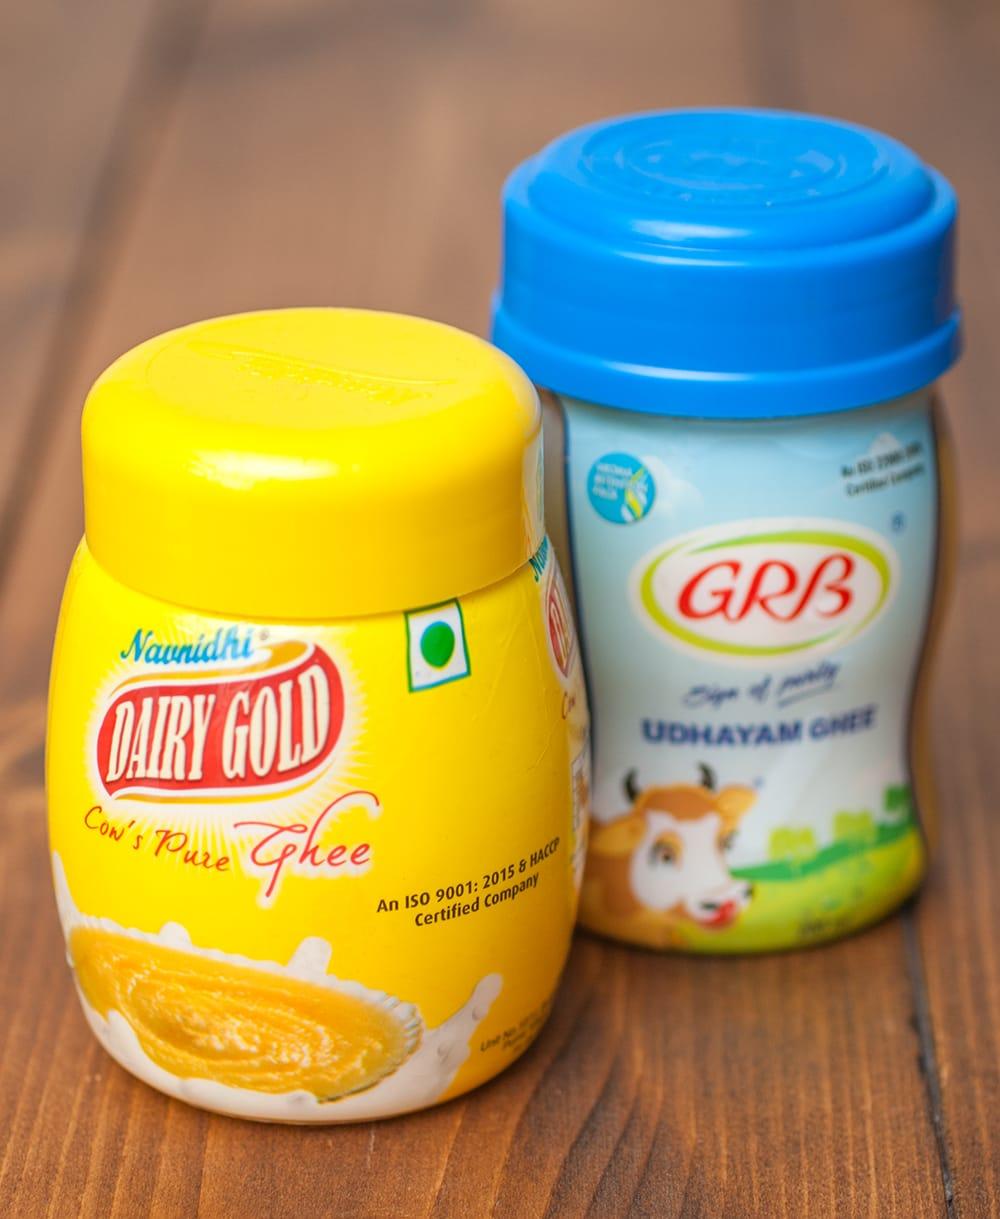 ギー ghee【Dairy Gold】200ml 2 - 。